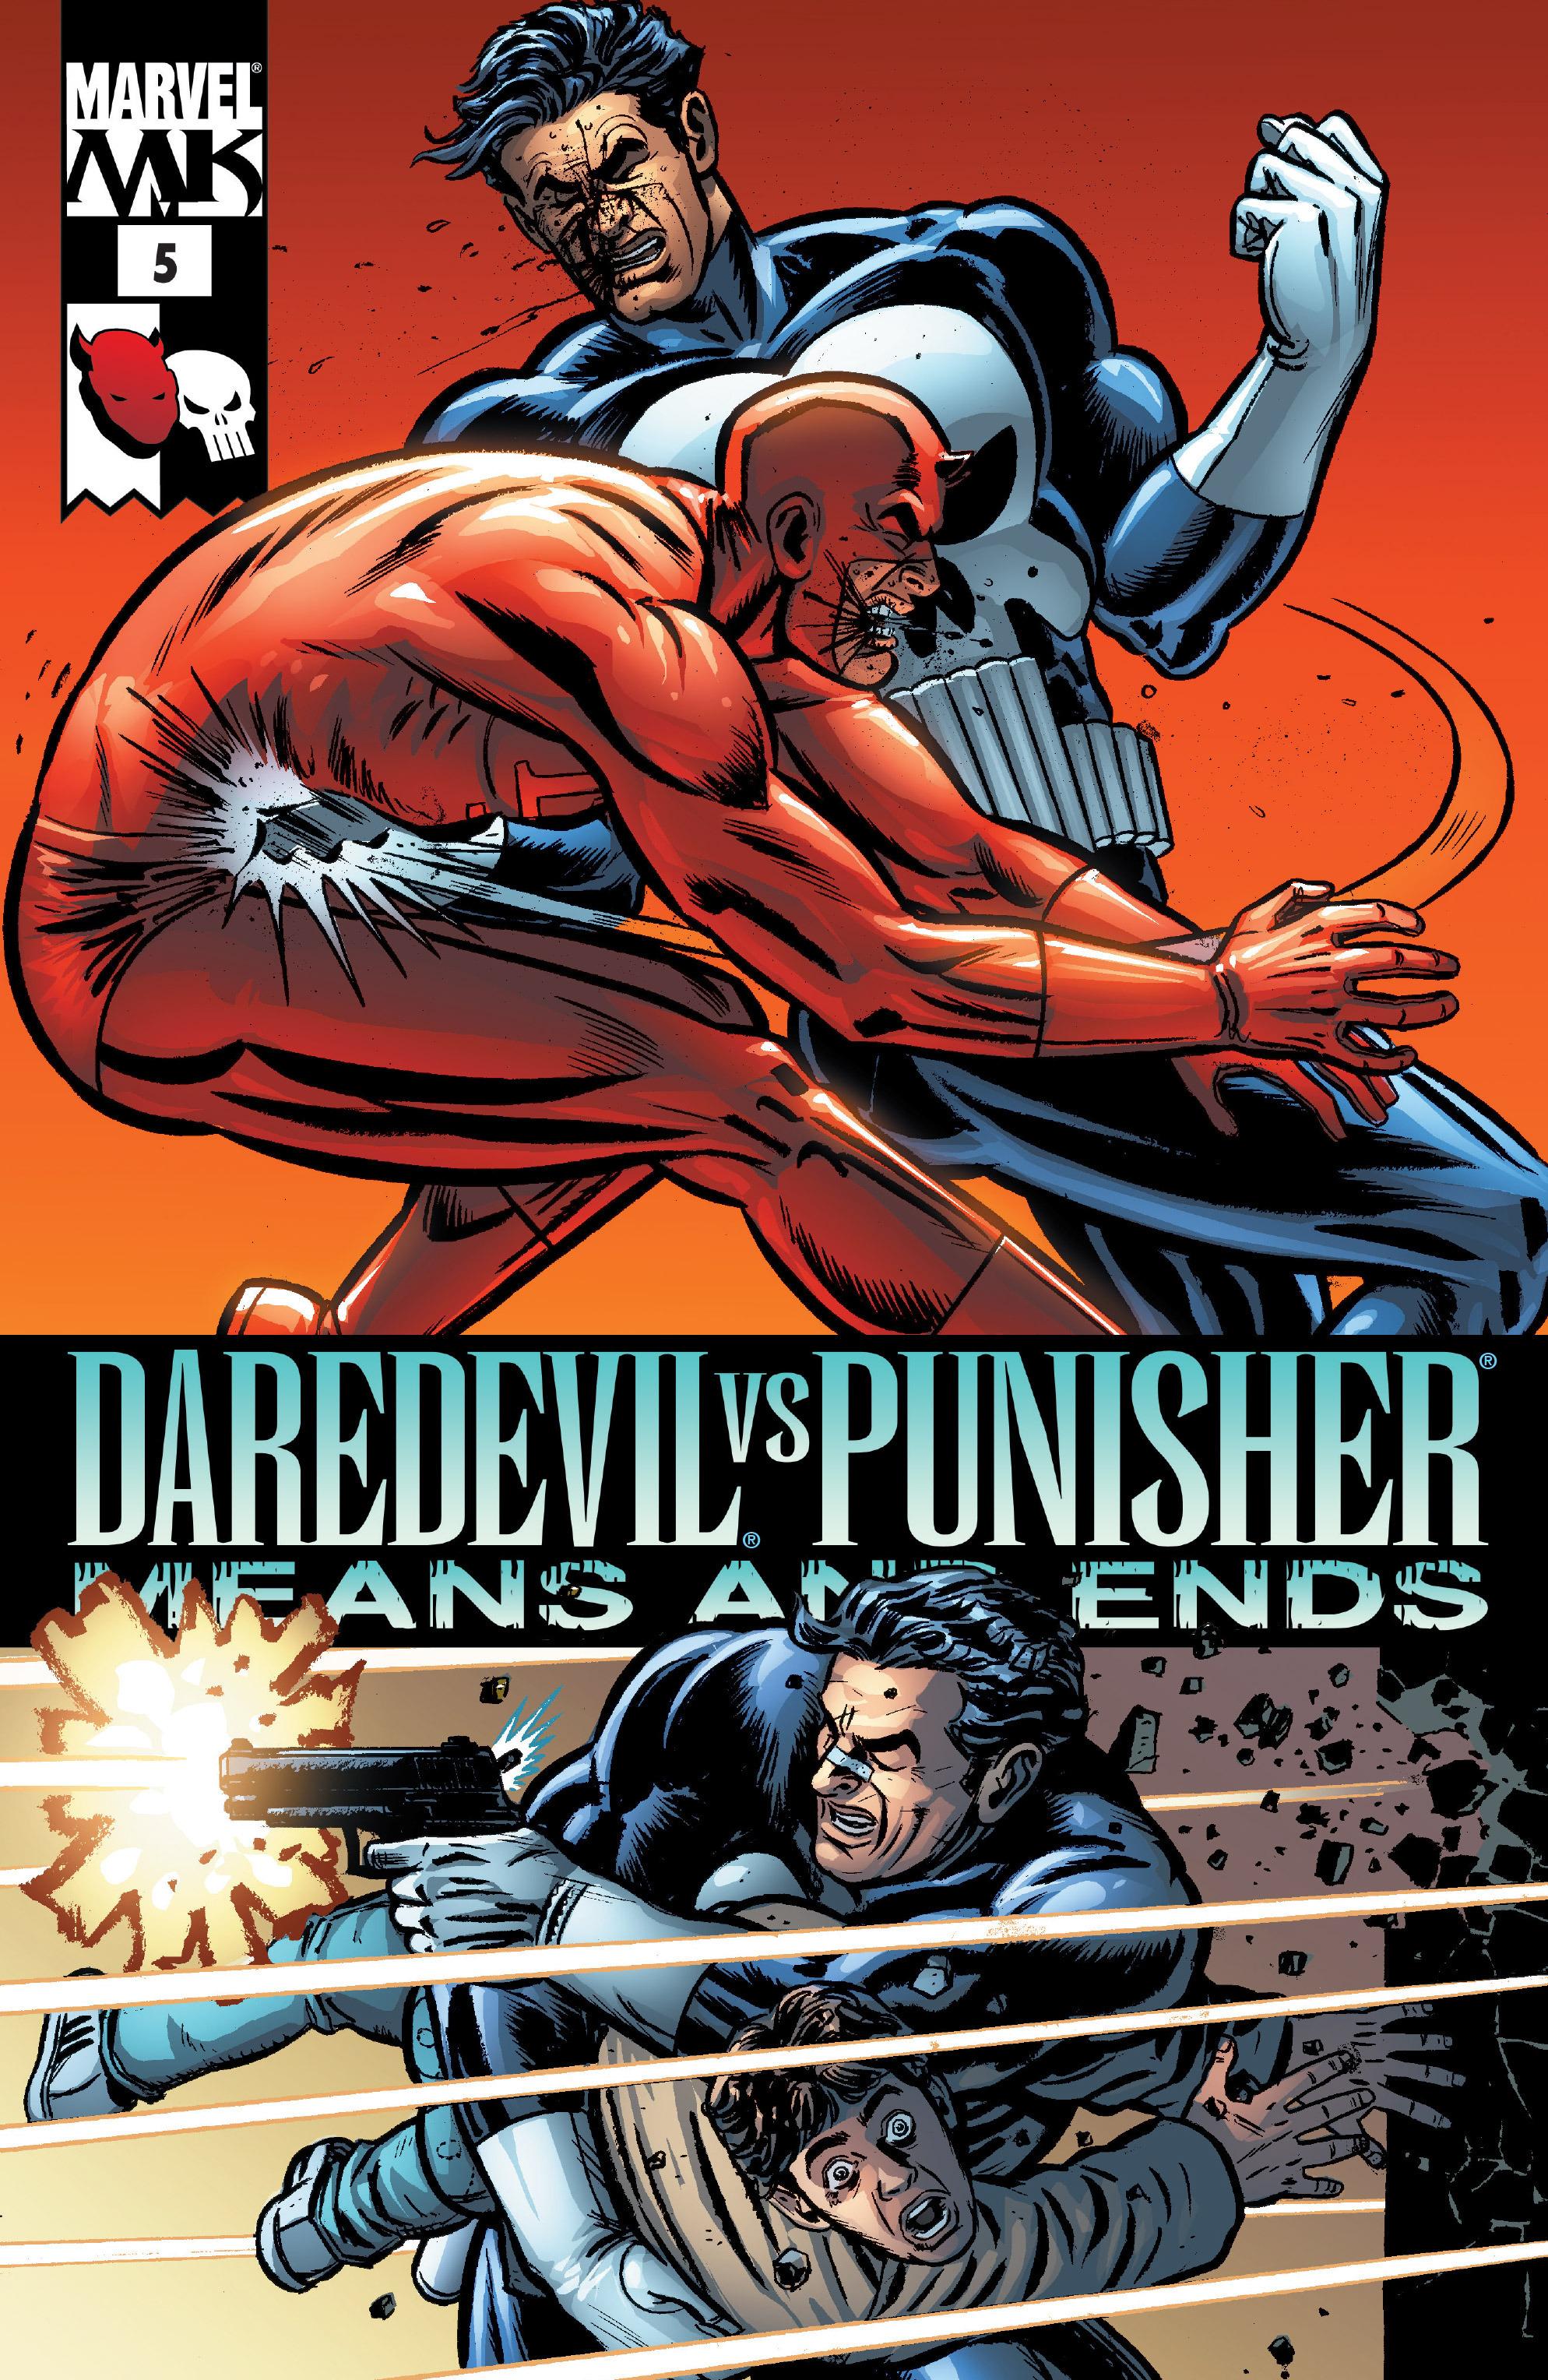 Daredevil vs. Punisher 5 Page 1